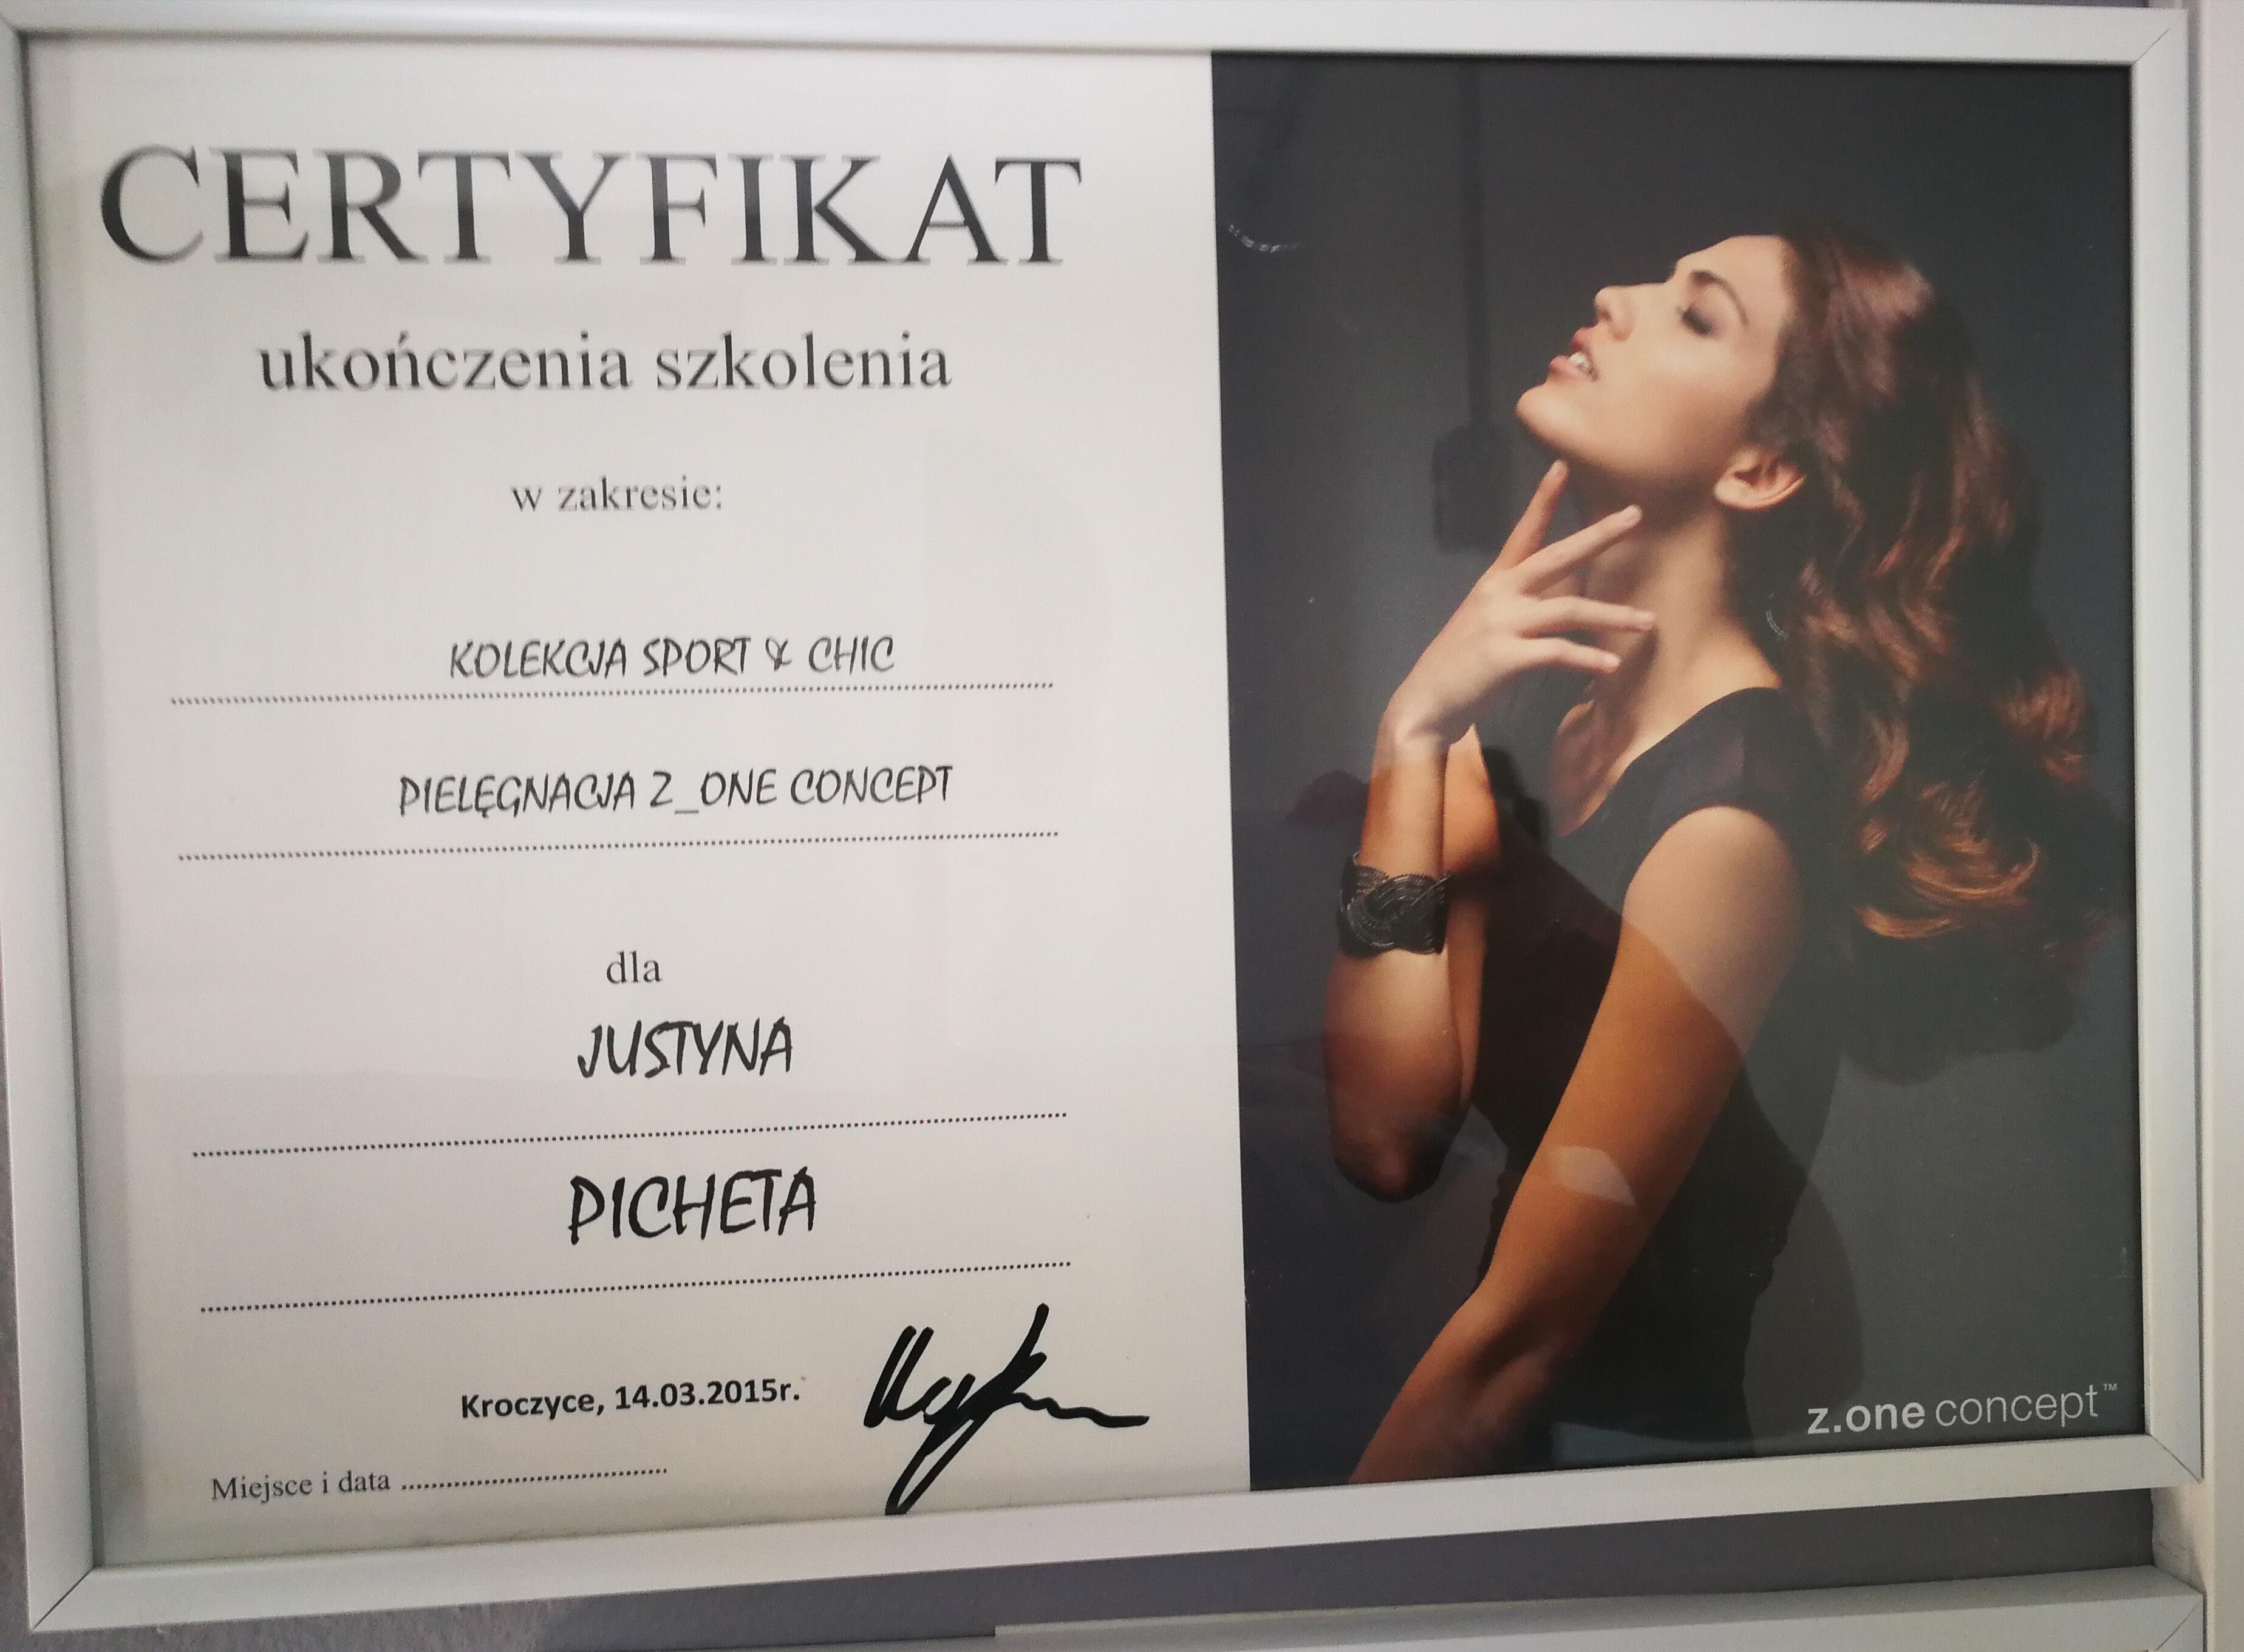 Justyna Picheta